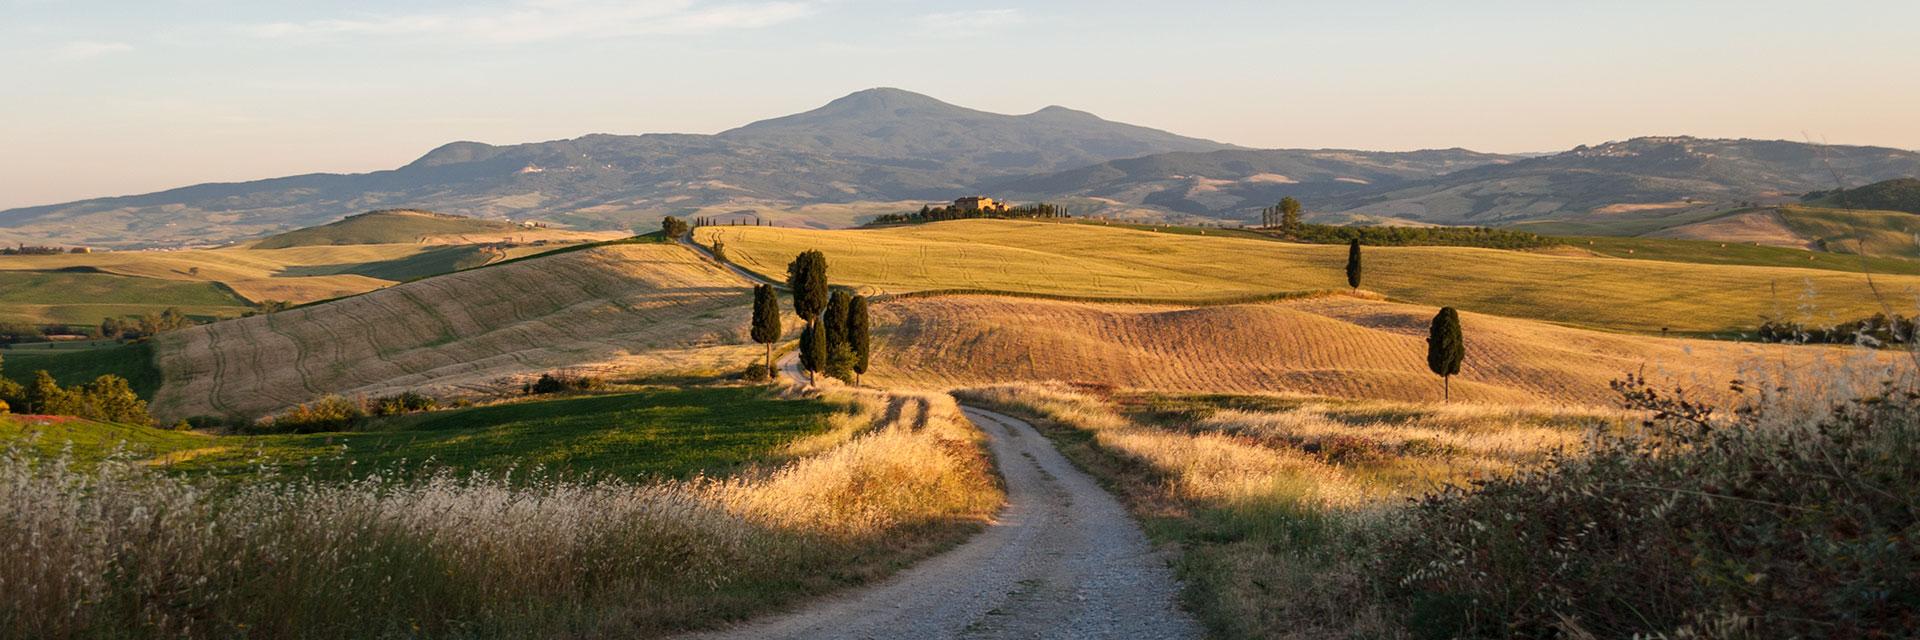 Associazione Culturale Olistica Giove's Way - Montalcino, Val d'Orcia, Grosseto